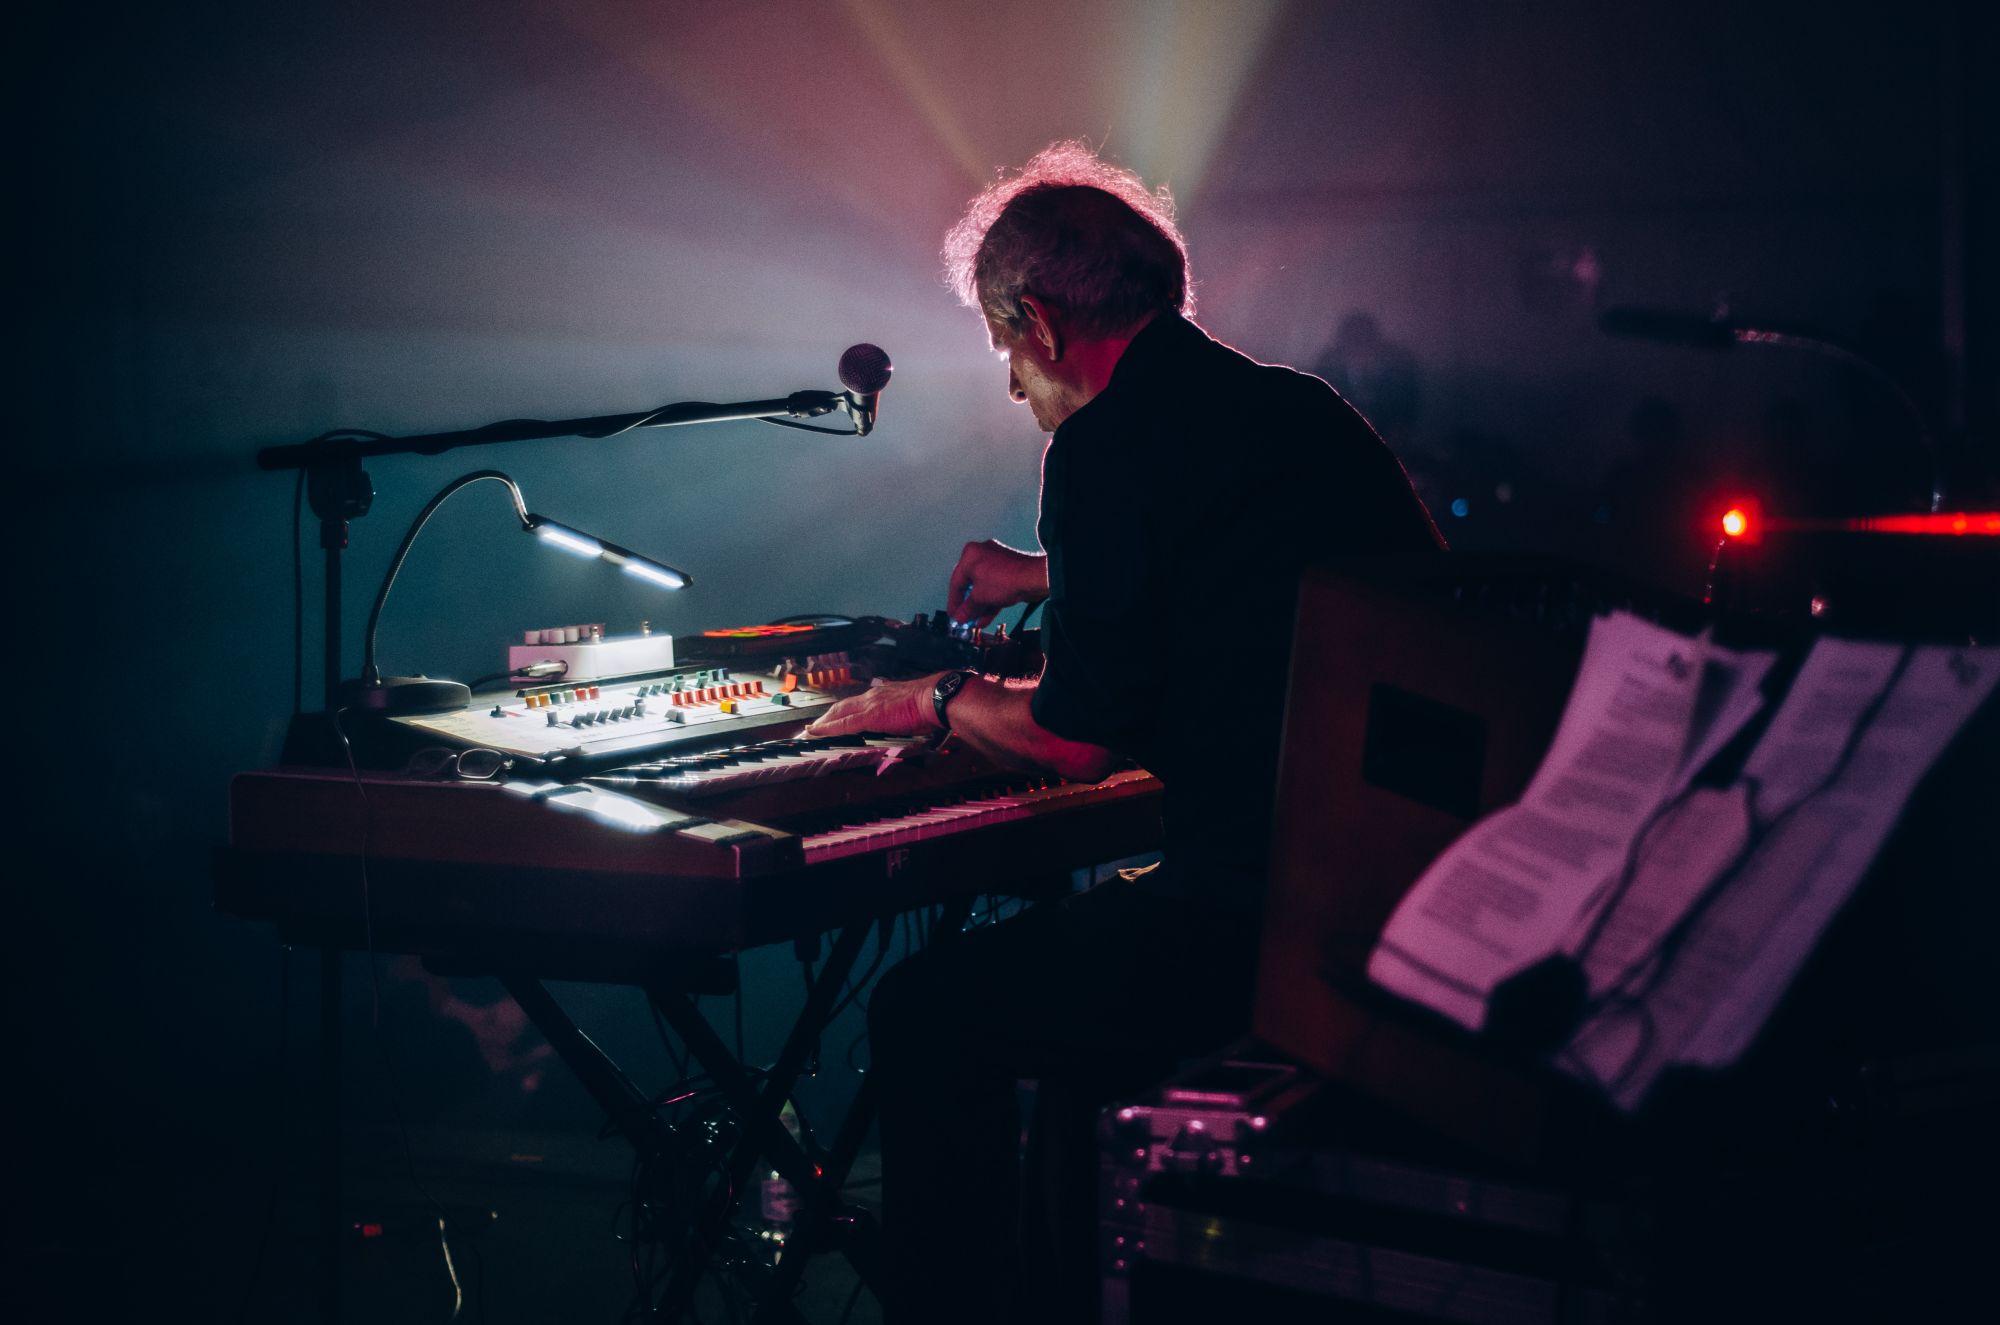 [Zdjęcie z koncertu. Skupiony mężczyzna gra na keyboardzie. Widok z boku. Niesamowite, klimatyczne oświetlenie sceny.]